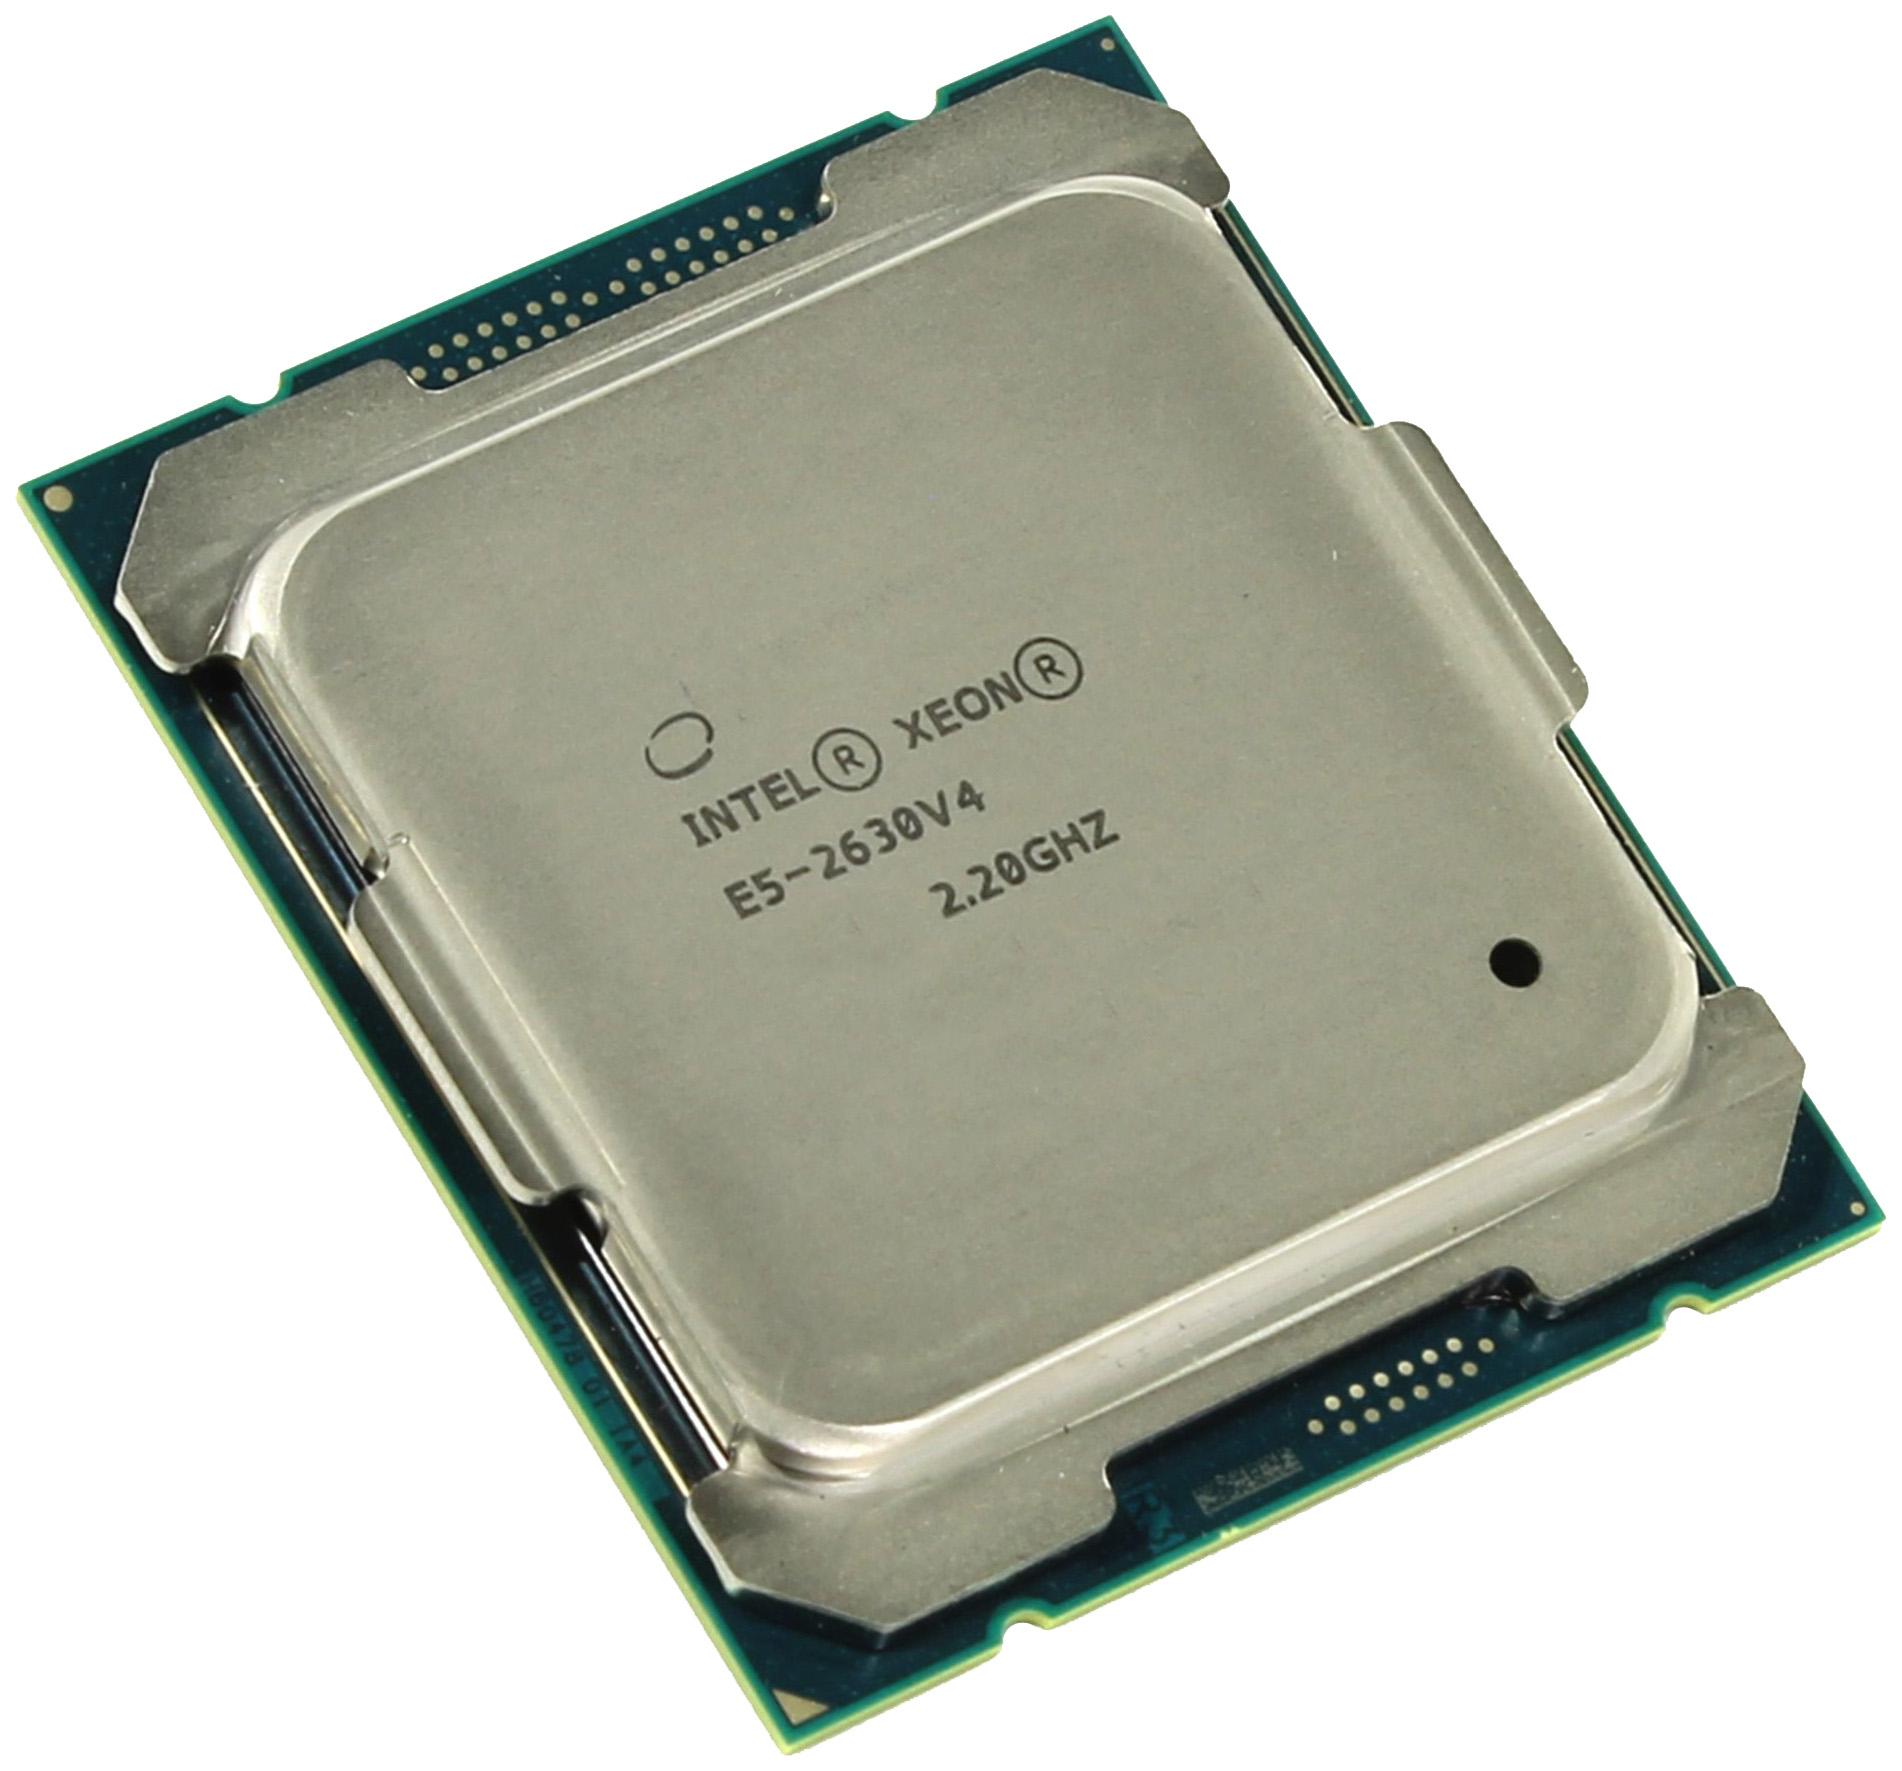 INTEL E5-2630V4